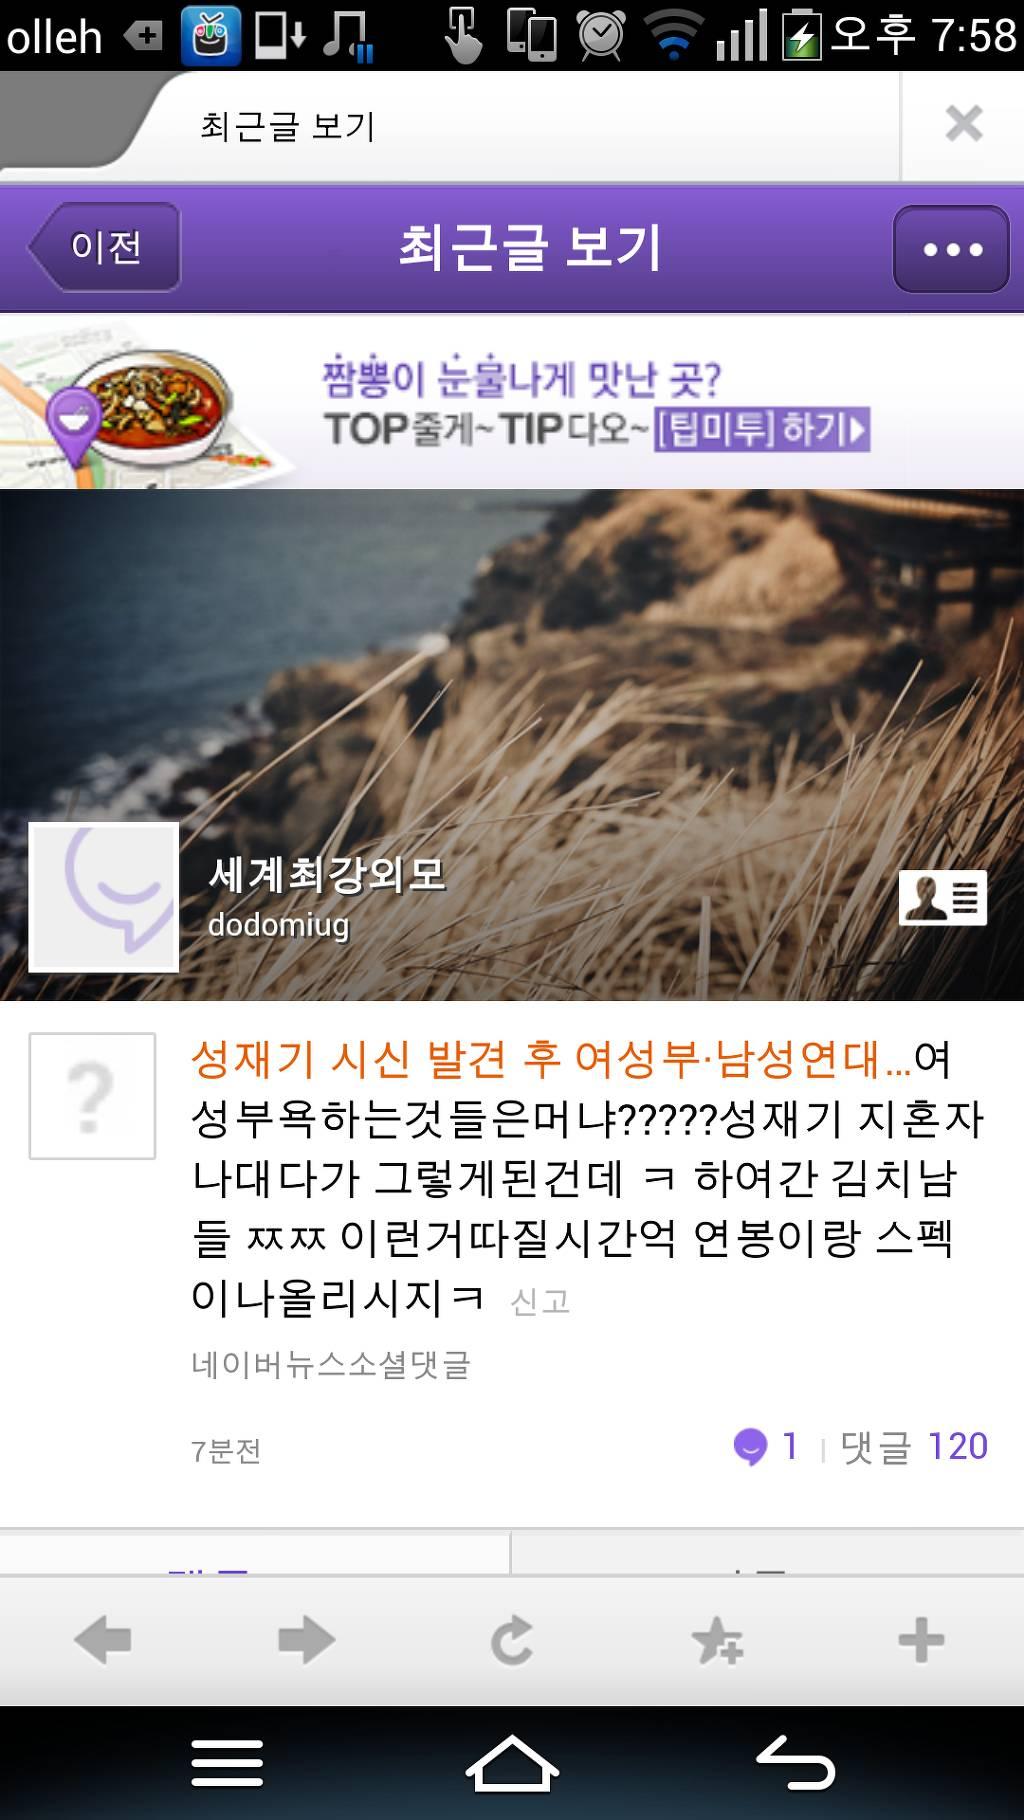 성재기 사망소식후 김치년의sns | 인스티즈